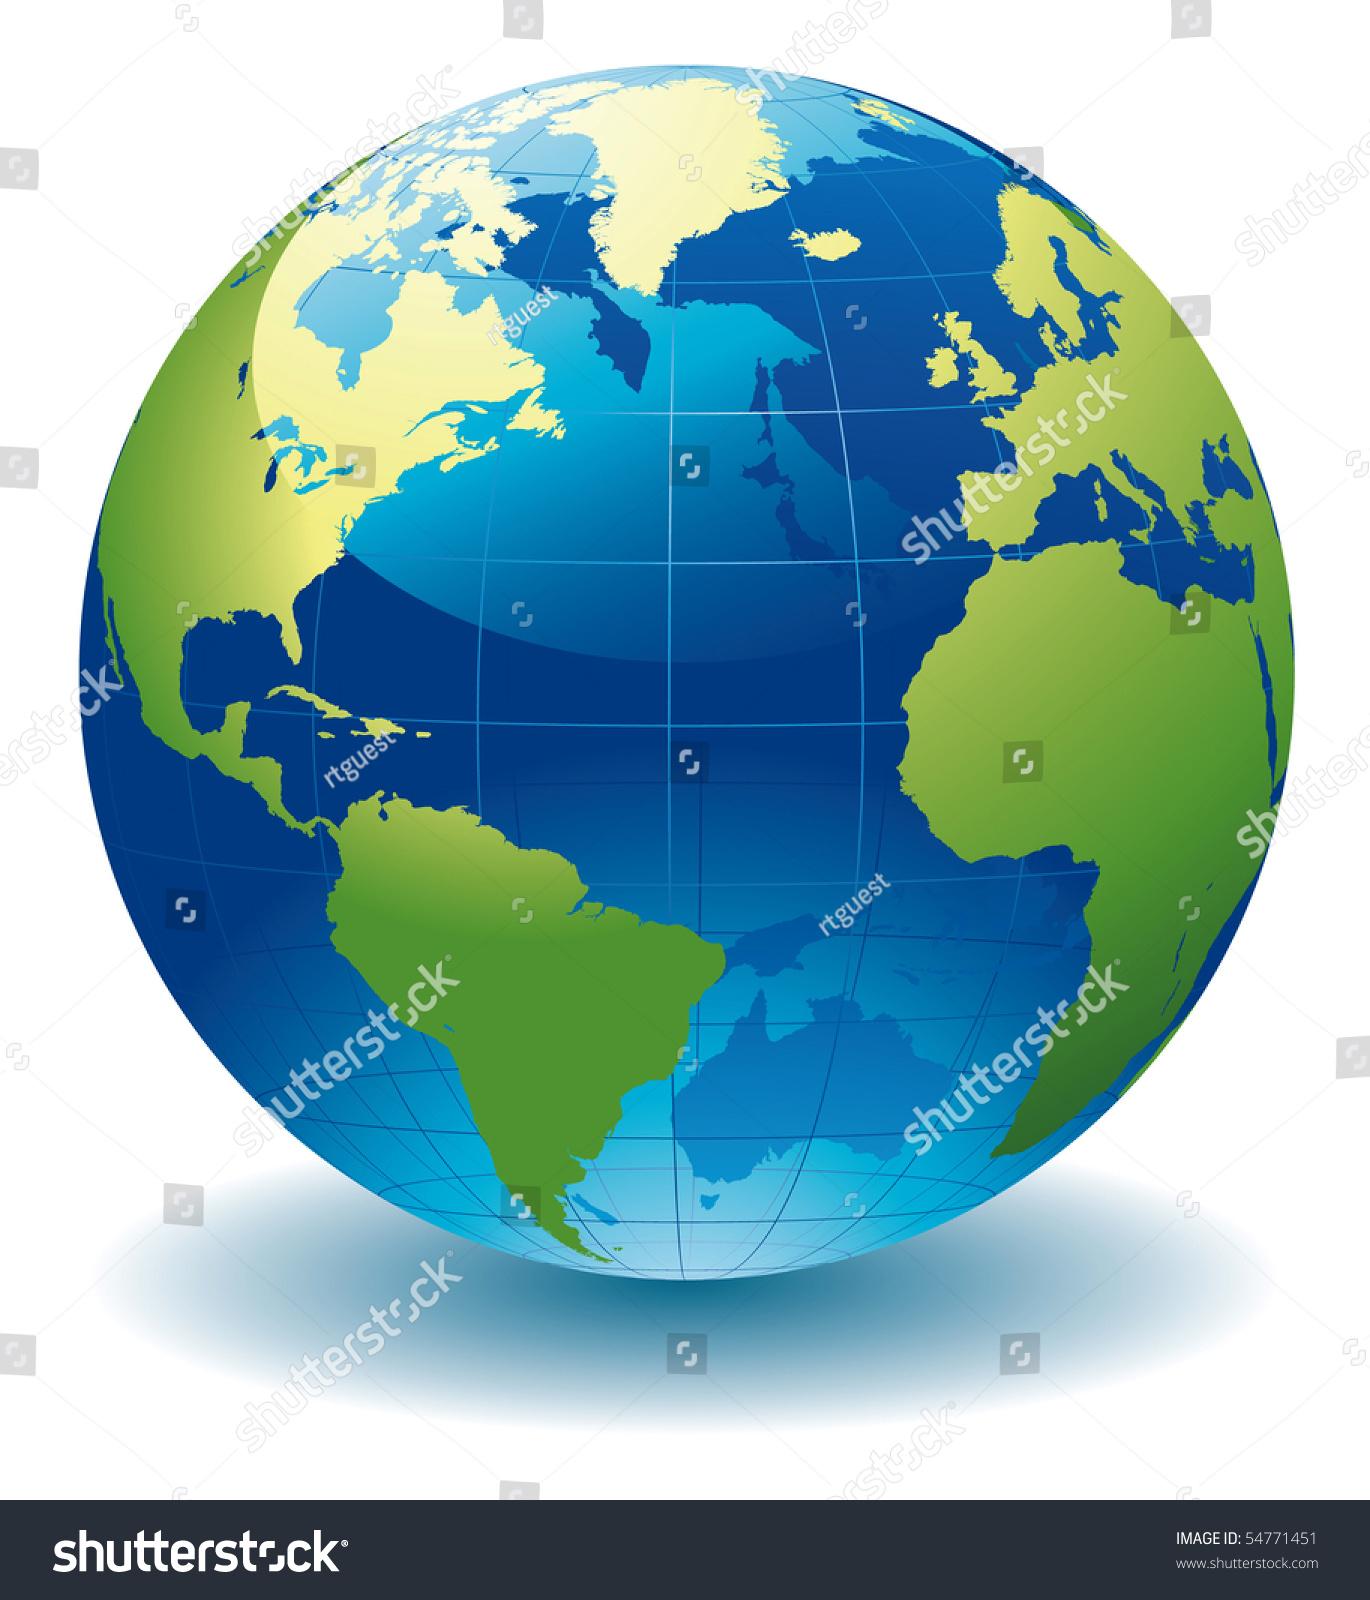 Http Www Shutterstock Com Pic 54771451 Stock Vector World Globe Editable Vector Illustration Html